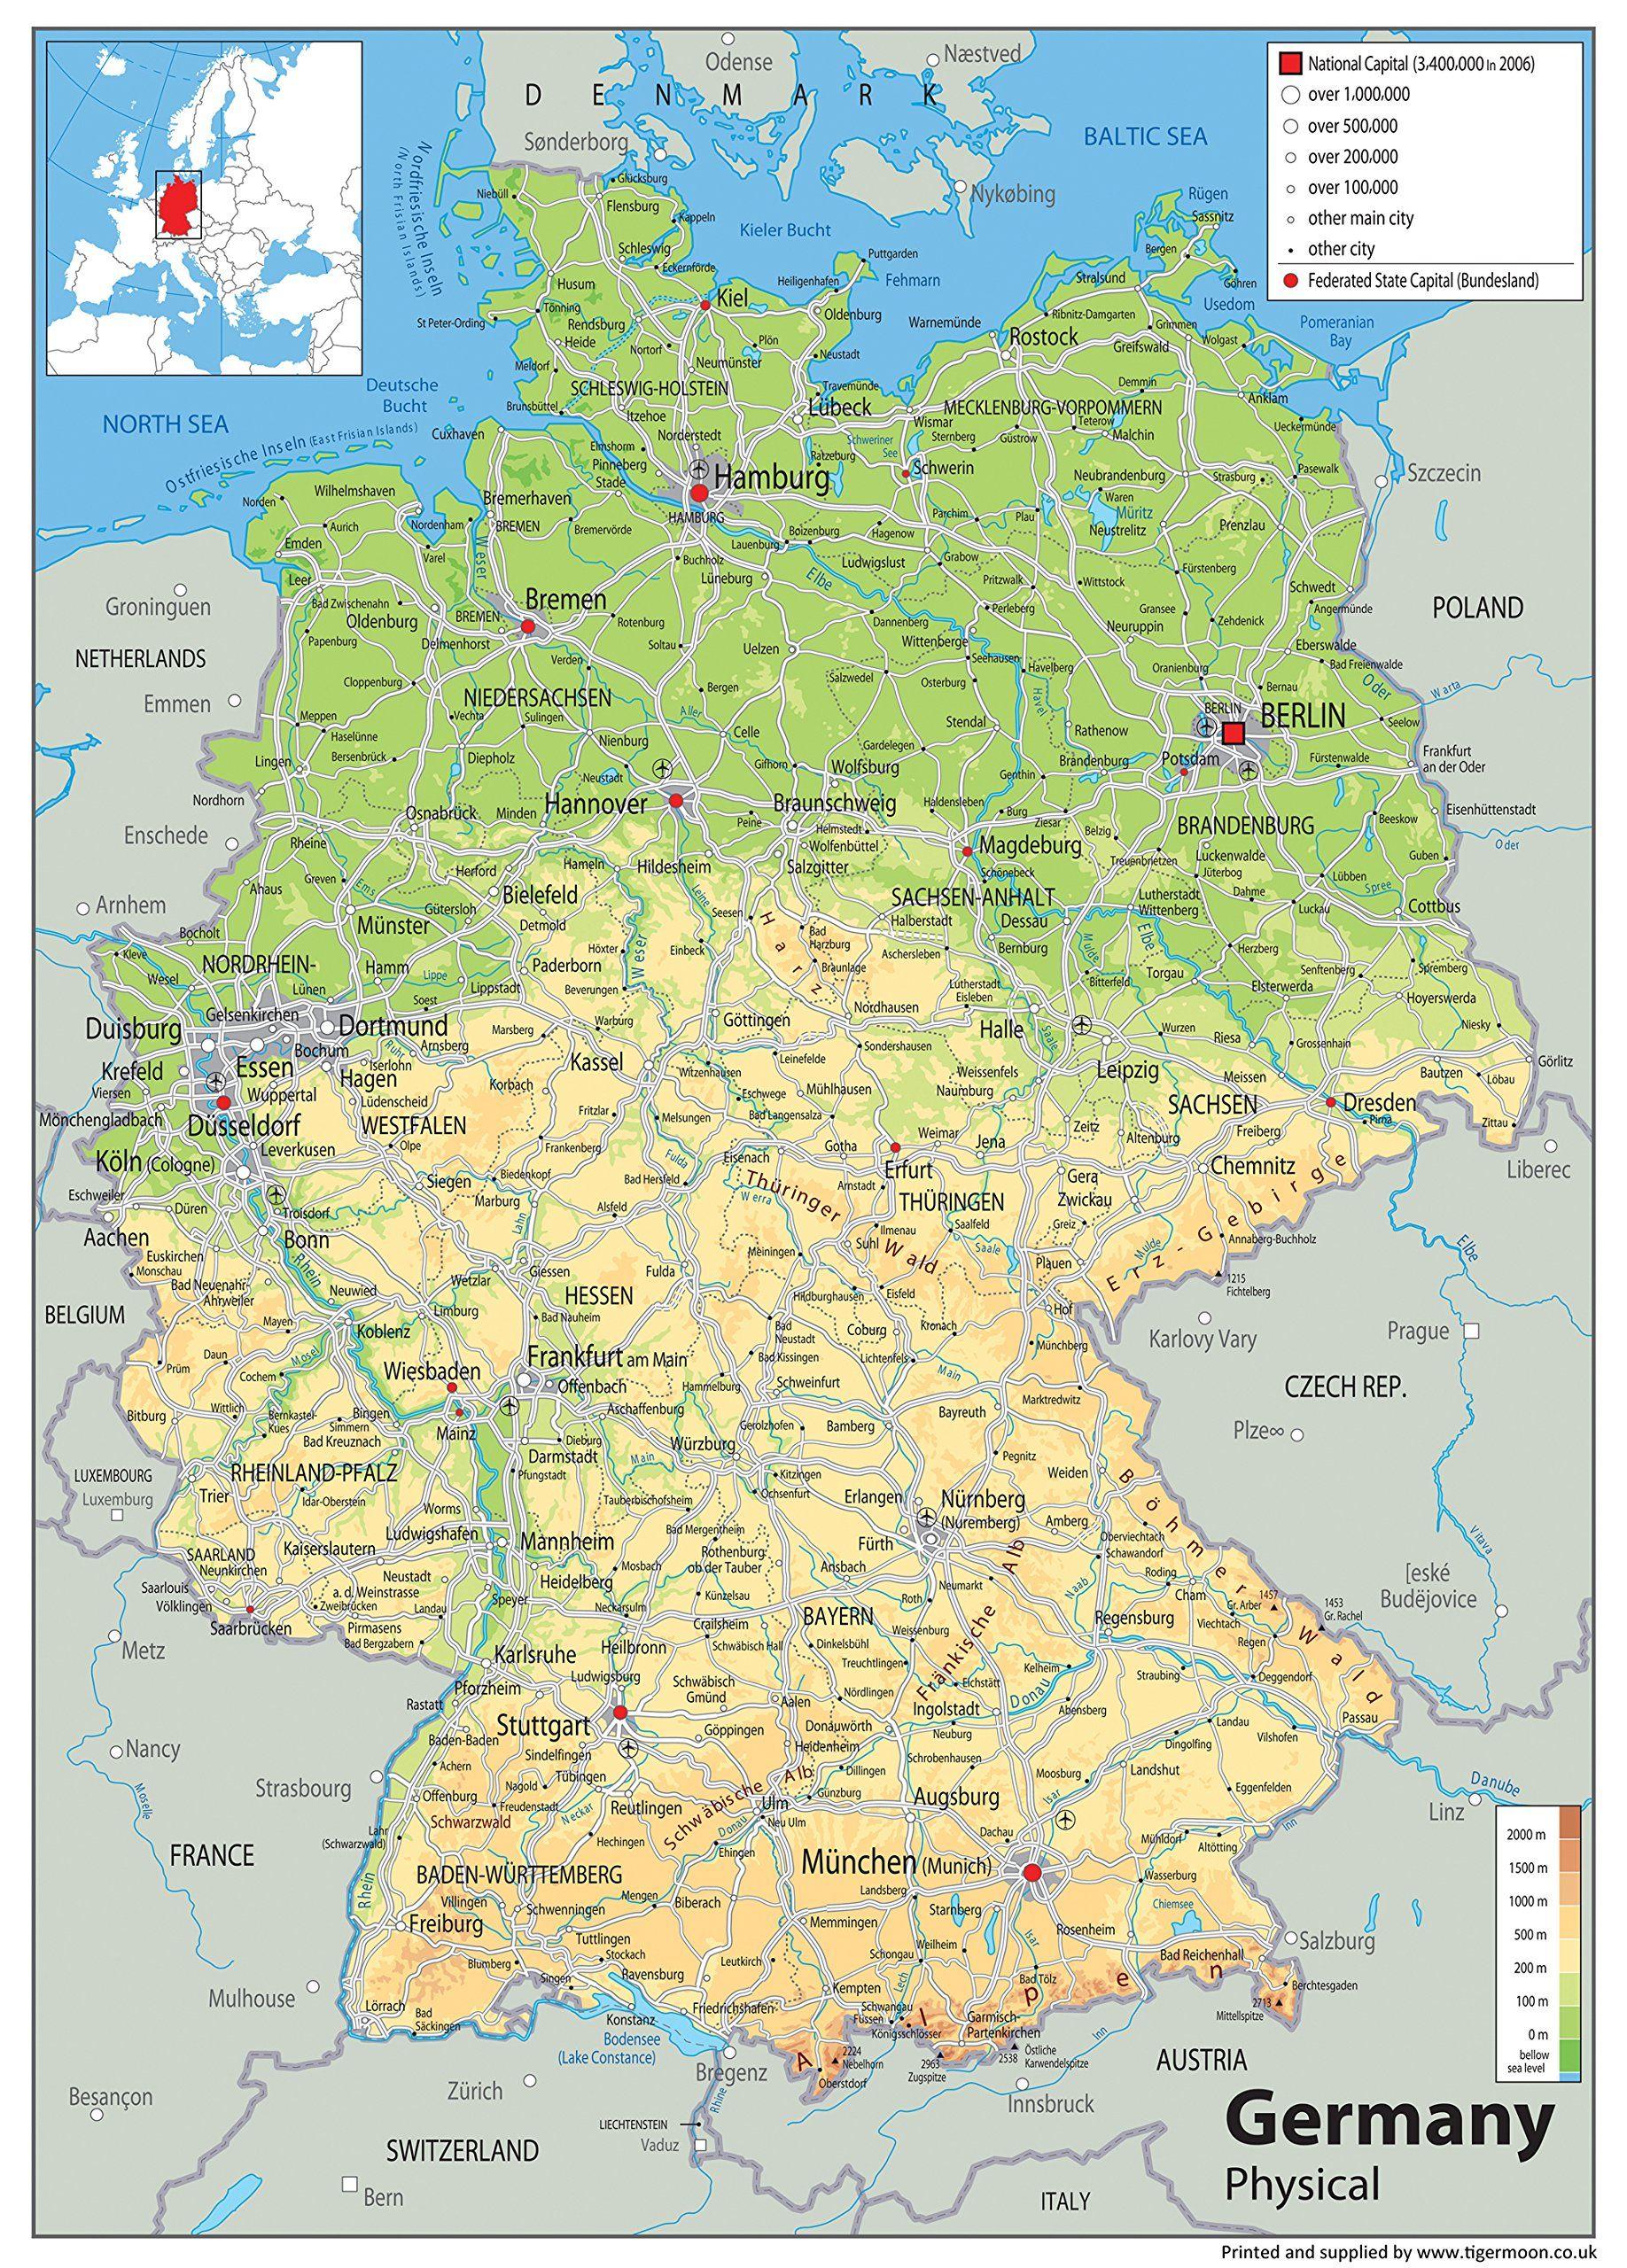 große karte deutschland Deutschland Physikalische Karte   Papier laminiert   A0 Größe 84,1